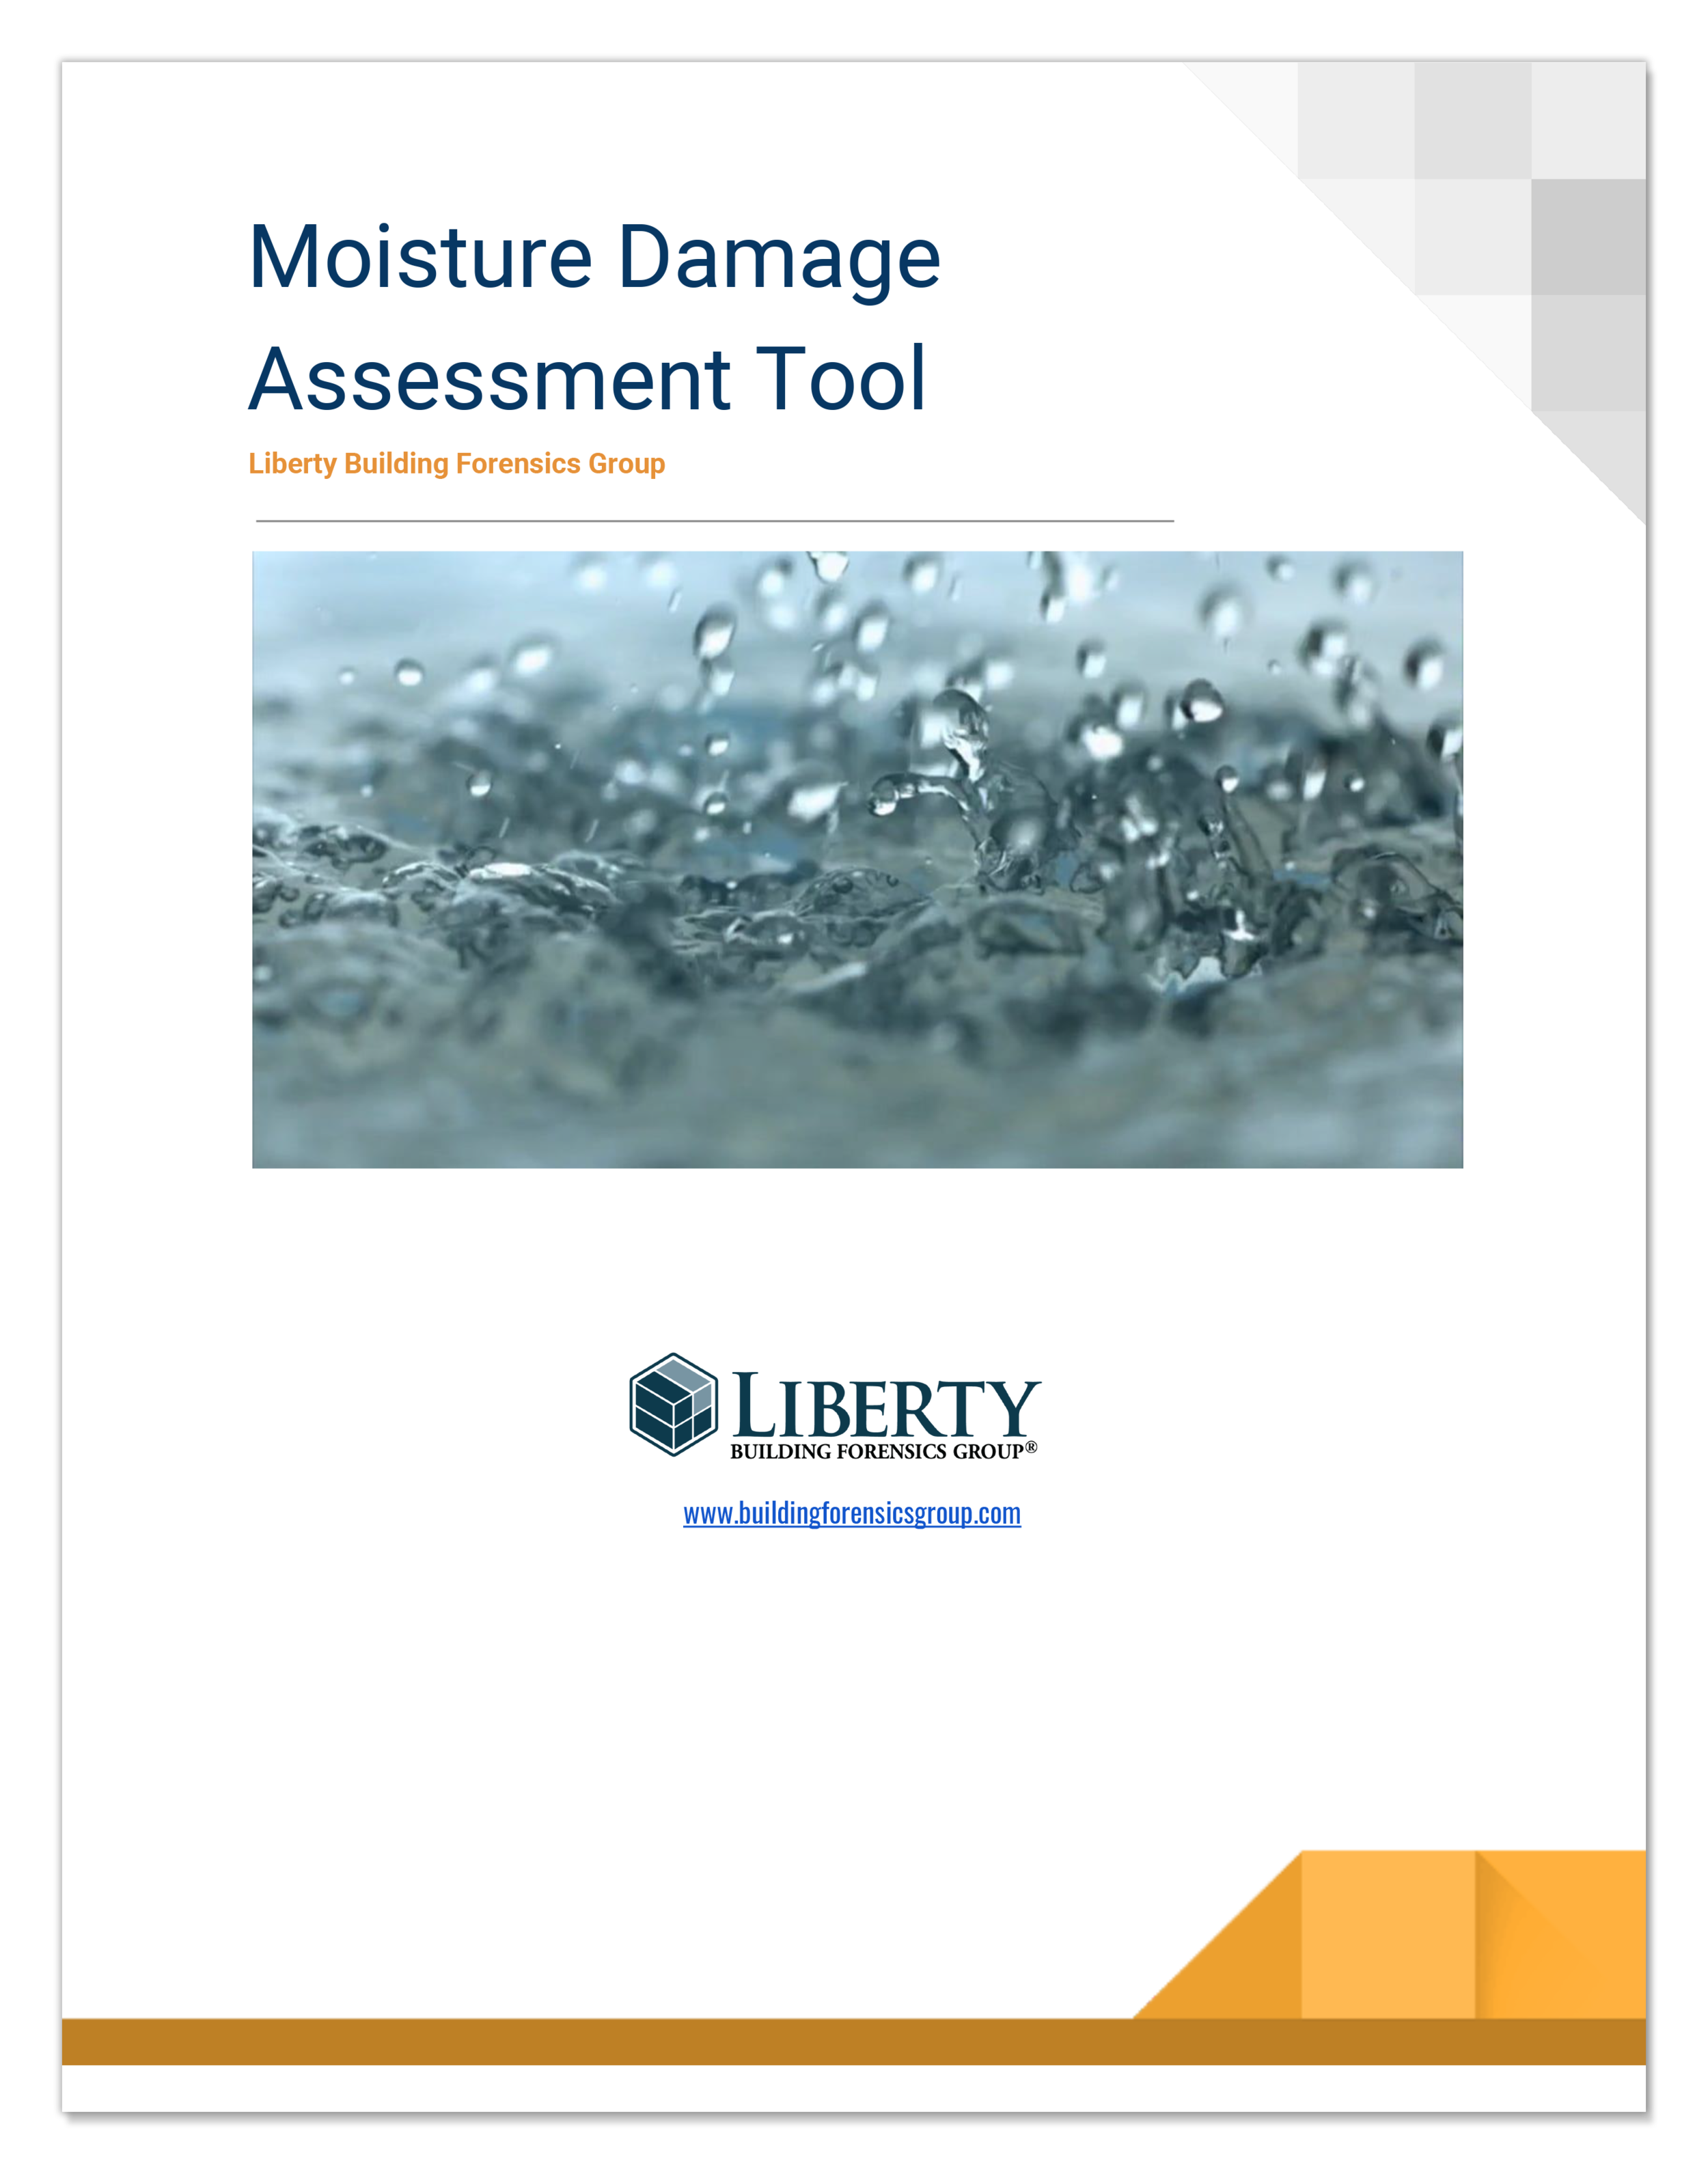 EBook_MoistureAssessmentTool_TS3 (dragged).png